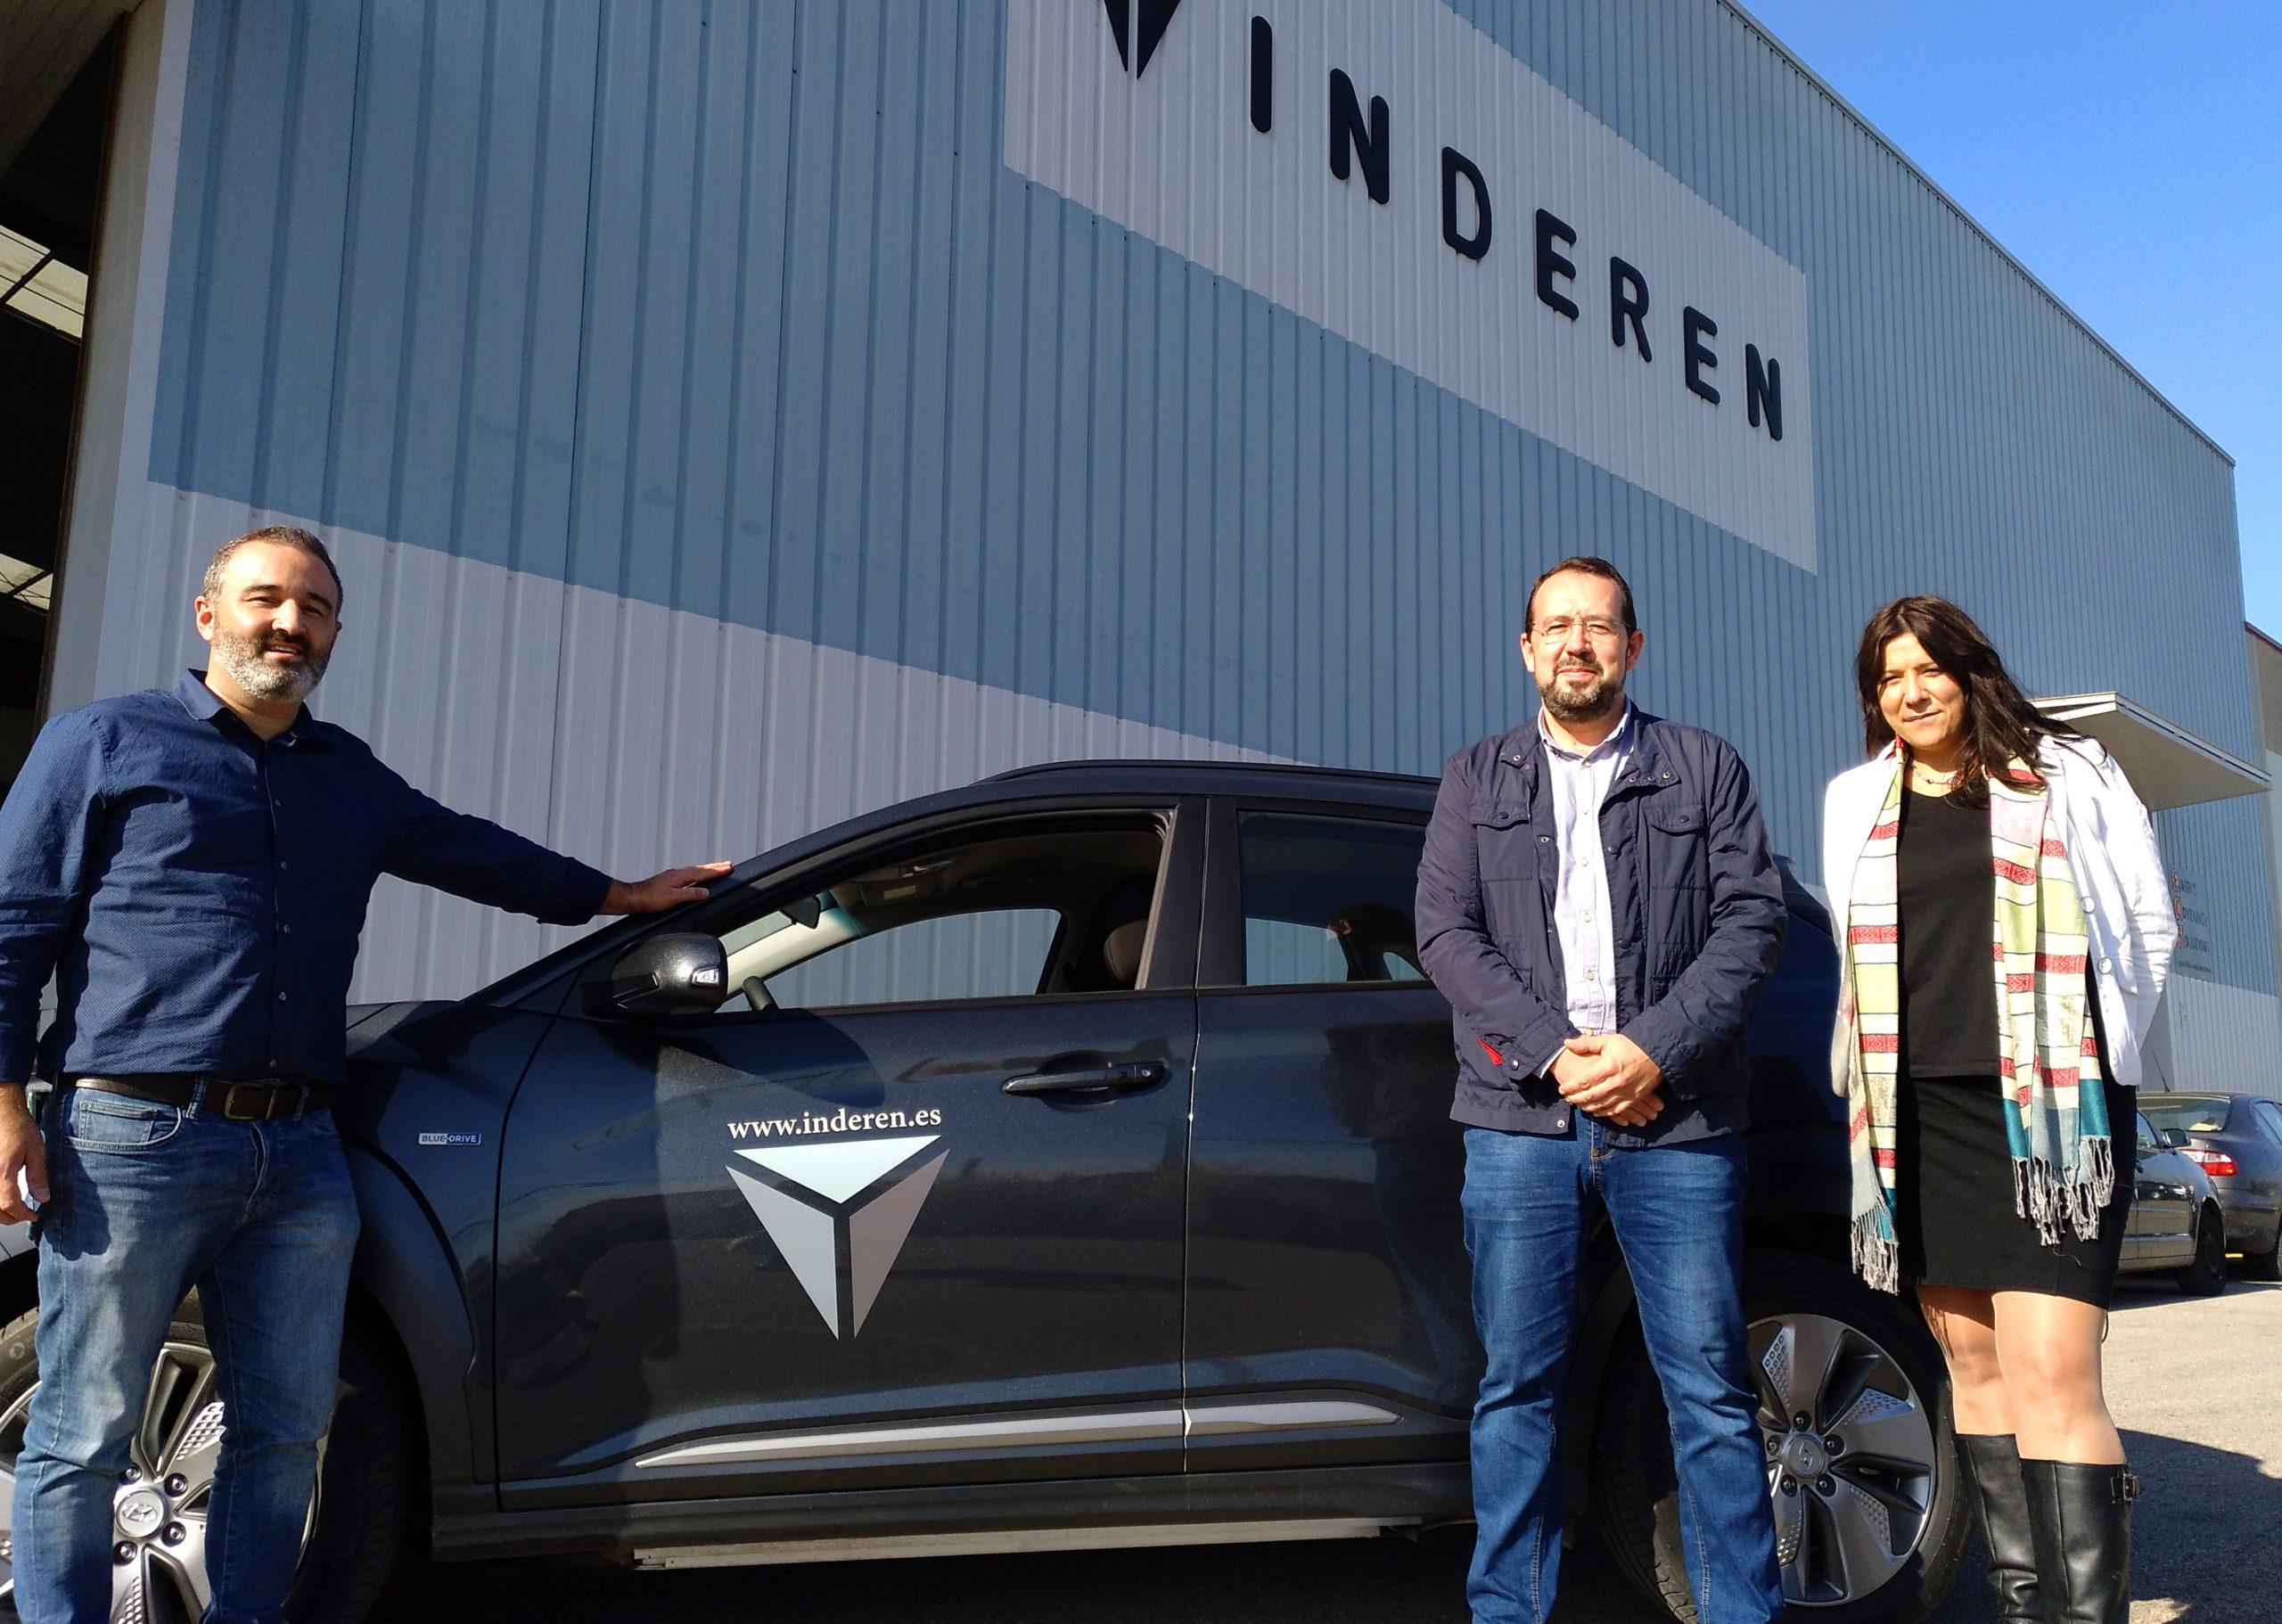 INDEREN Electric Vehicle INDEREN Nuevo Vehículo Eléctrico 04